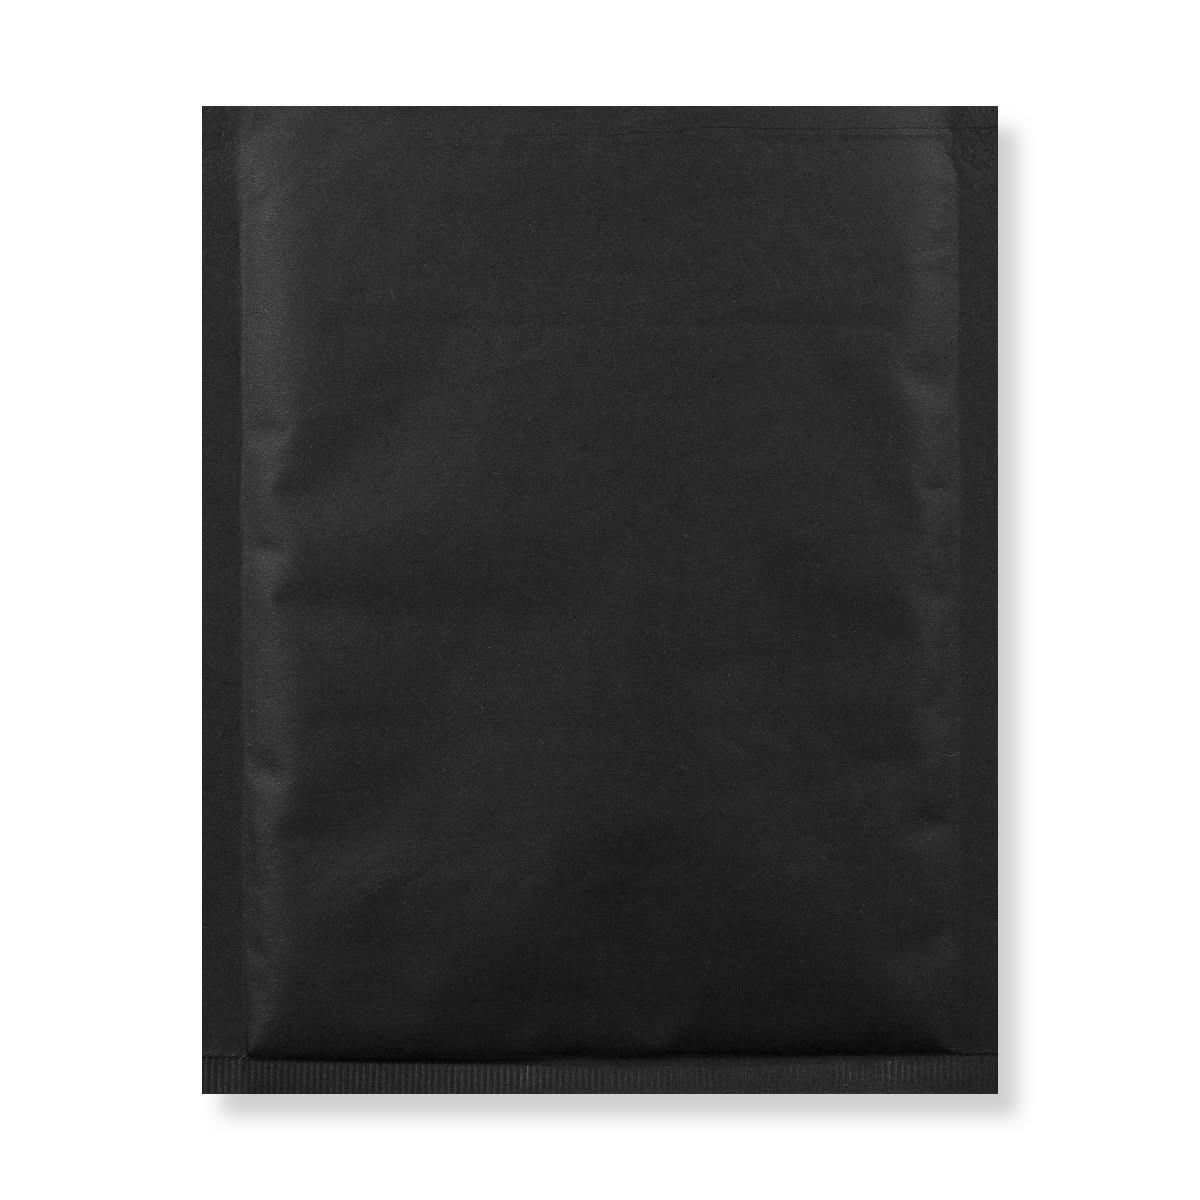 230MM SQUARE BLACK PADDED BUBBLE ENVELOPES